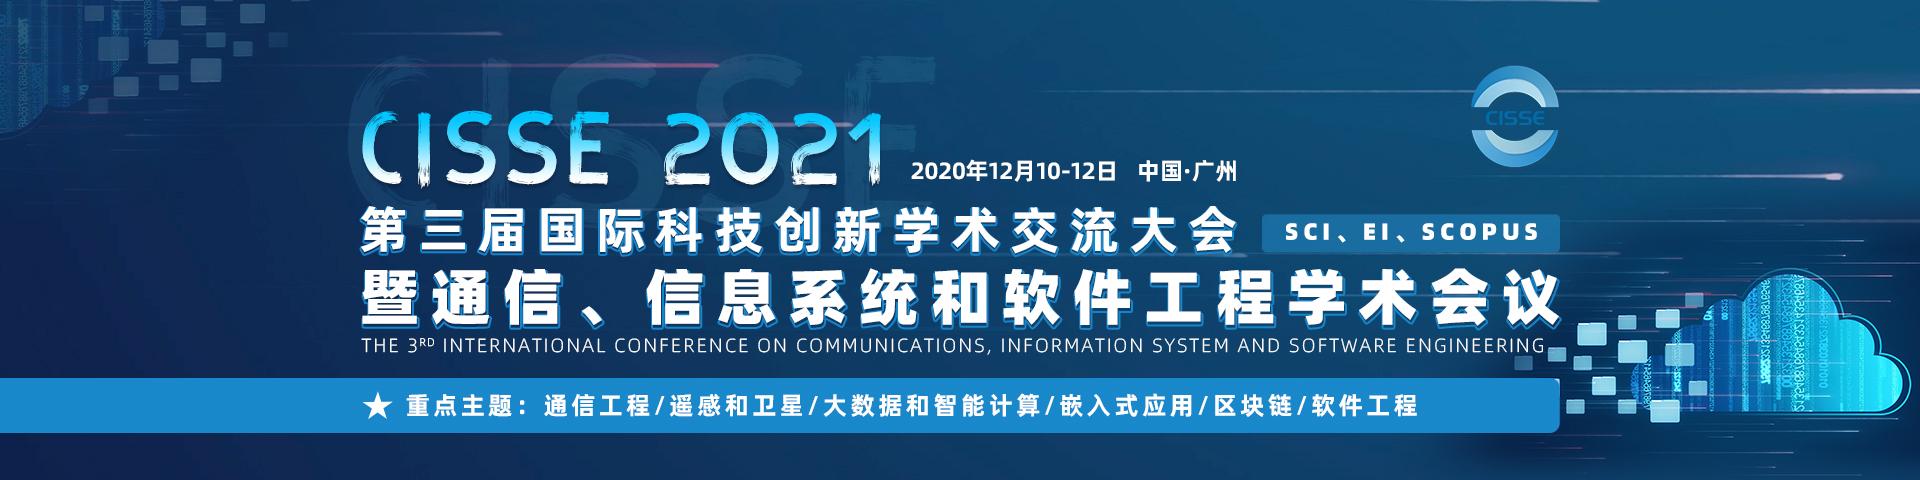 12月广州站CISSE 2021-banner-何霞丽-20210312.jpg